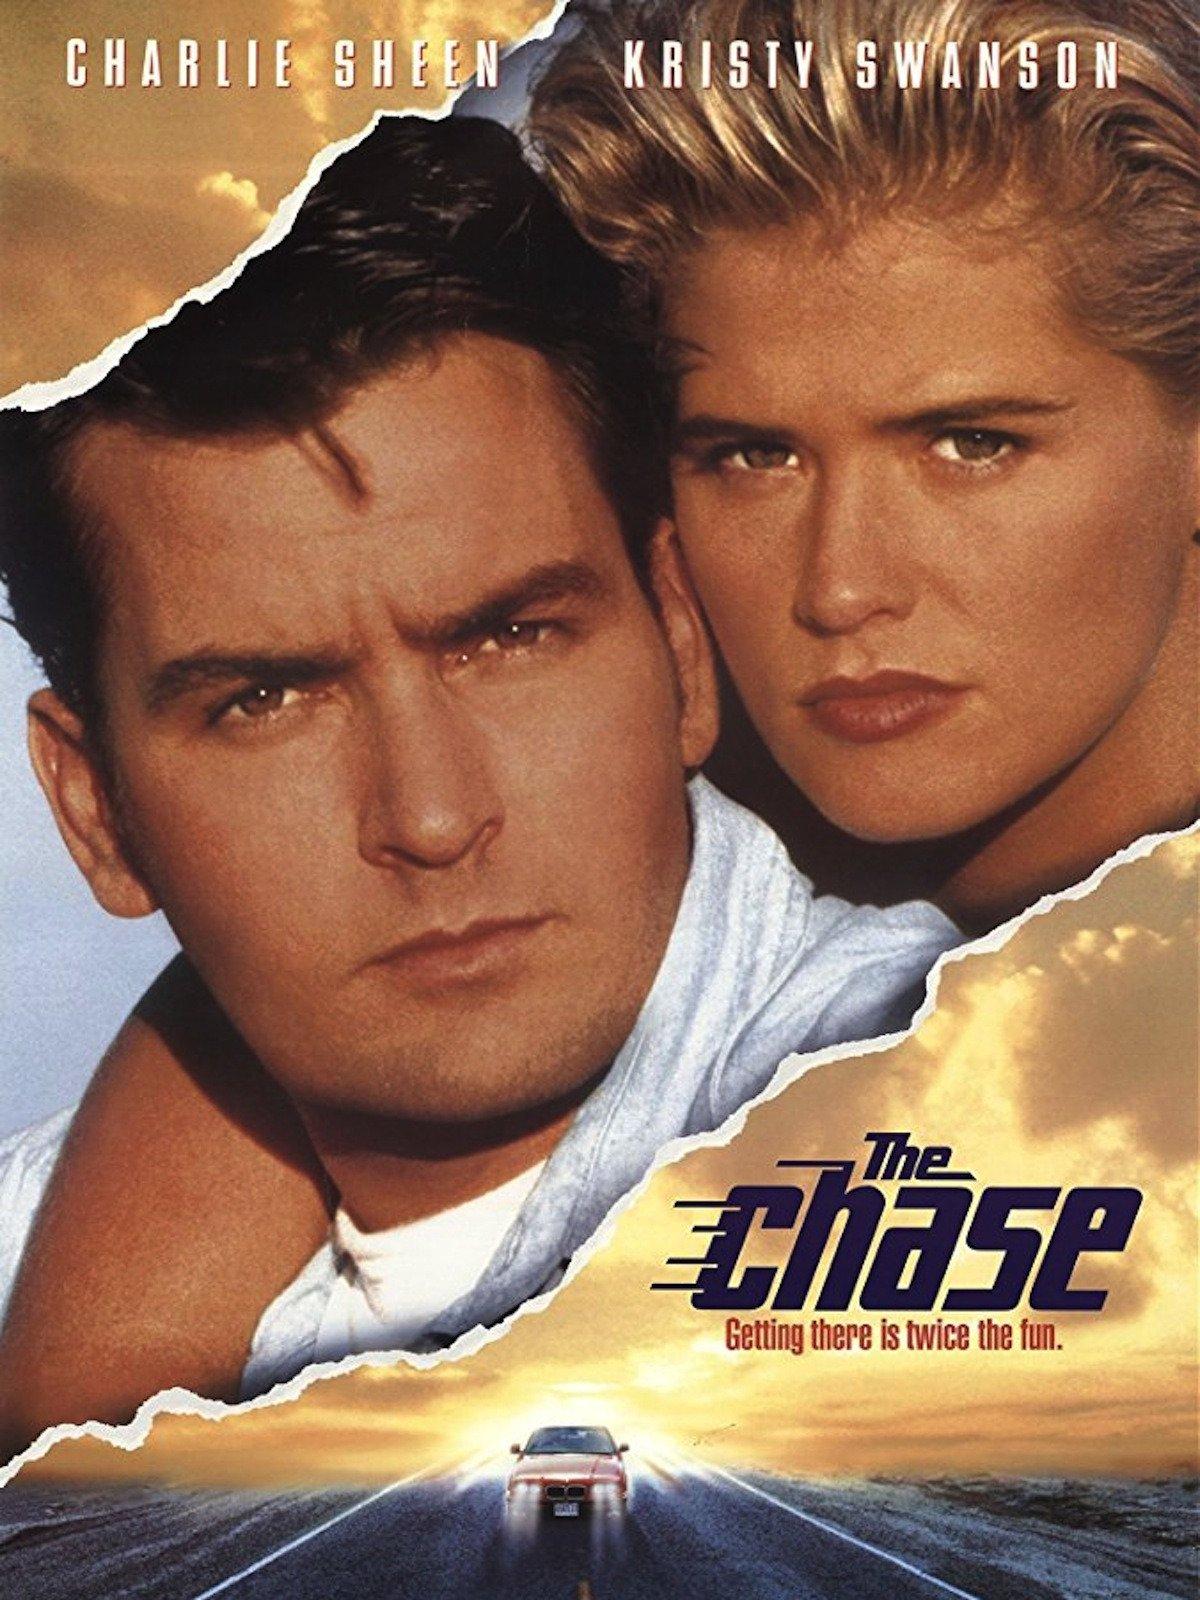 Amazon.de: The Chase [OV] ansehen Prime Video